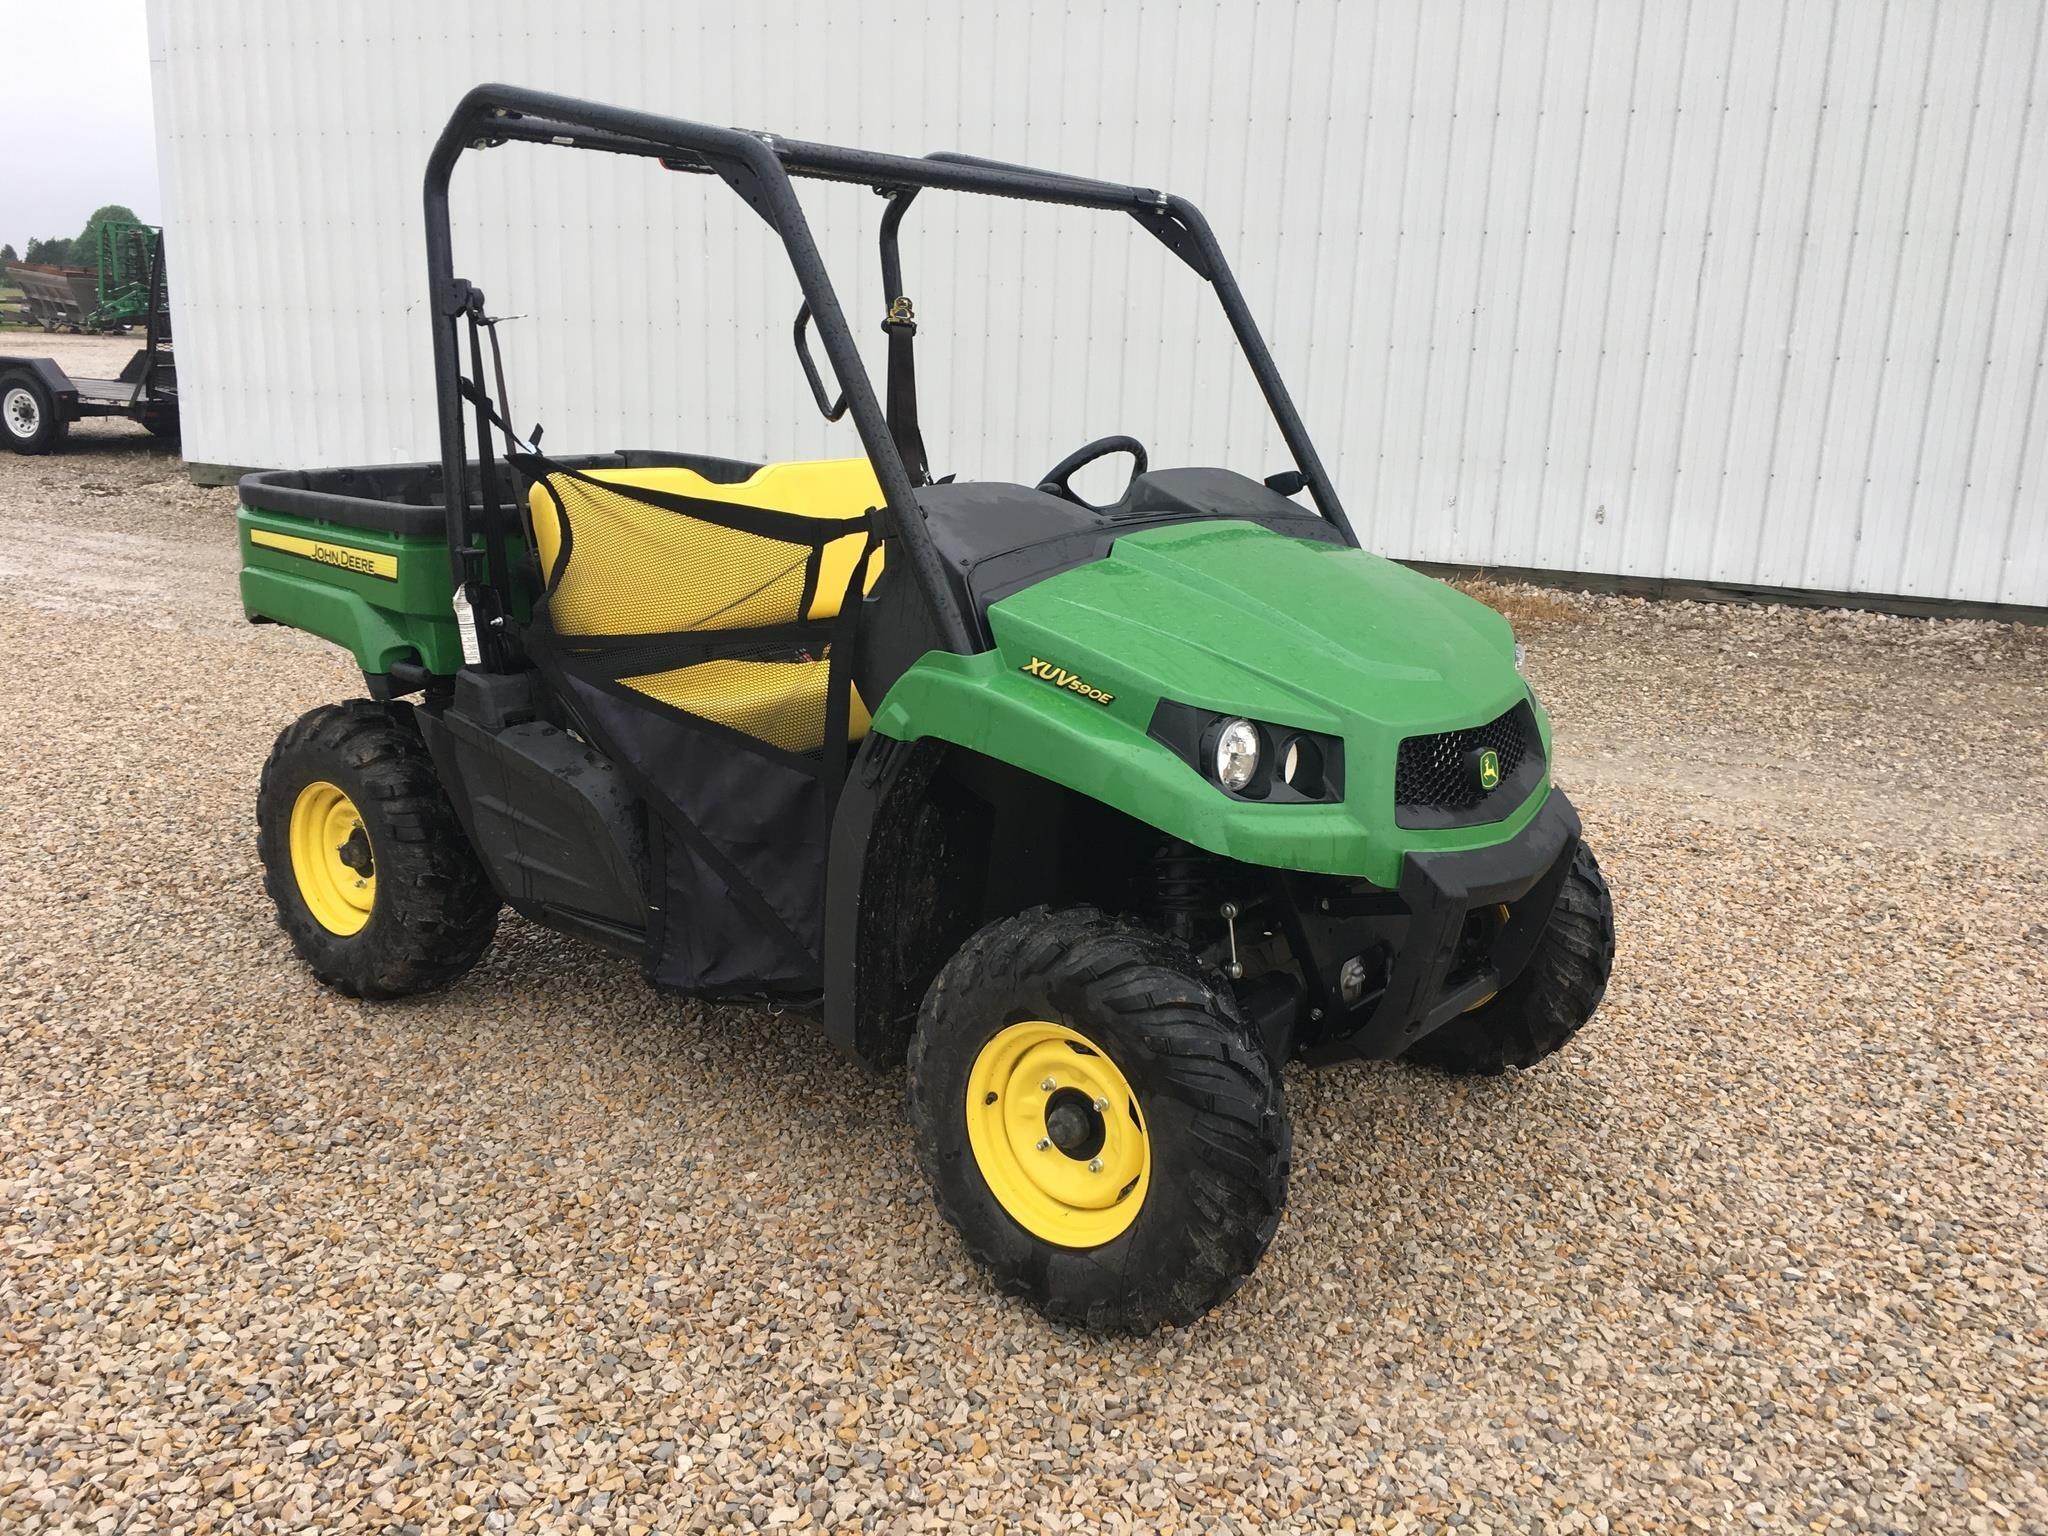 John Deere Gators For Sale >> 2018 John Deere Gator Xuv 590e For Sale In Jasper Indiana